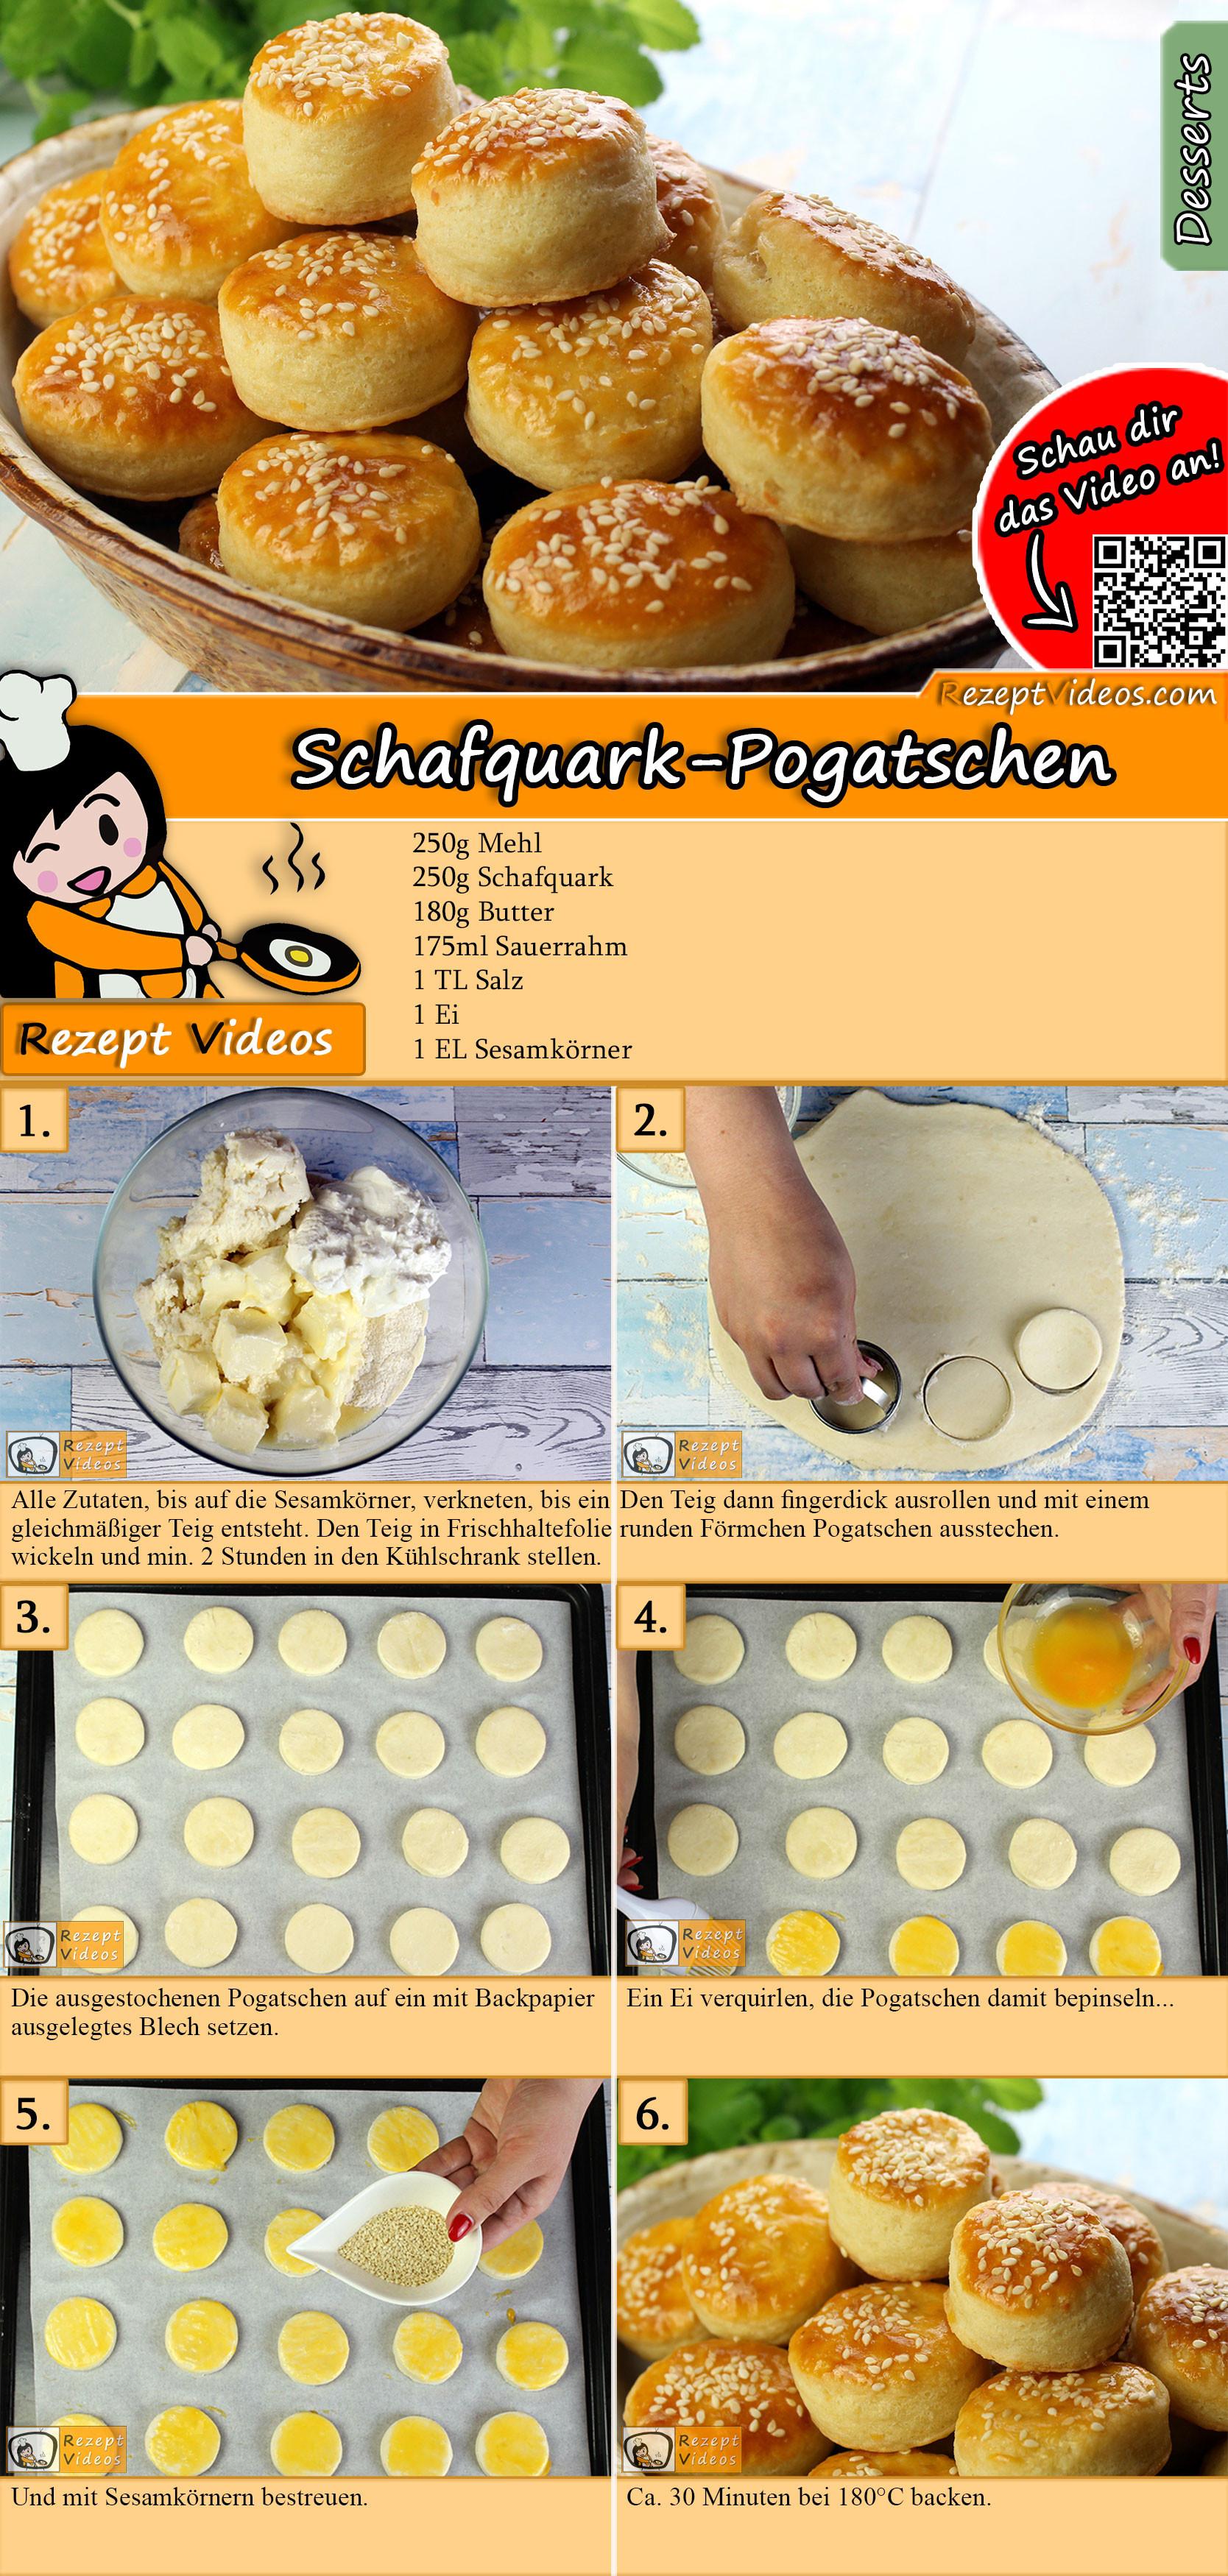 Schafquark-Pogatschen Rezept mit Video